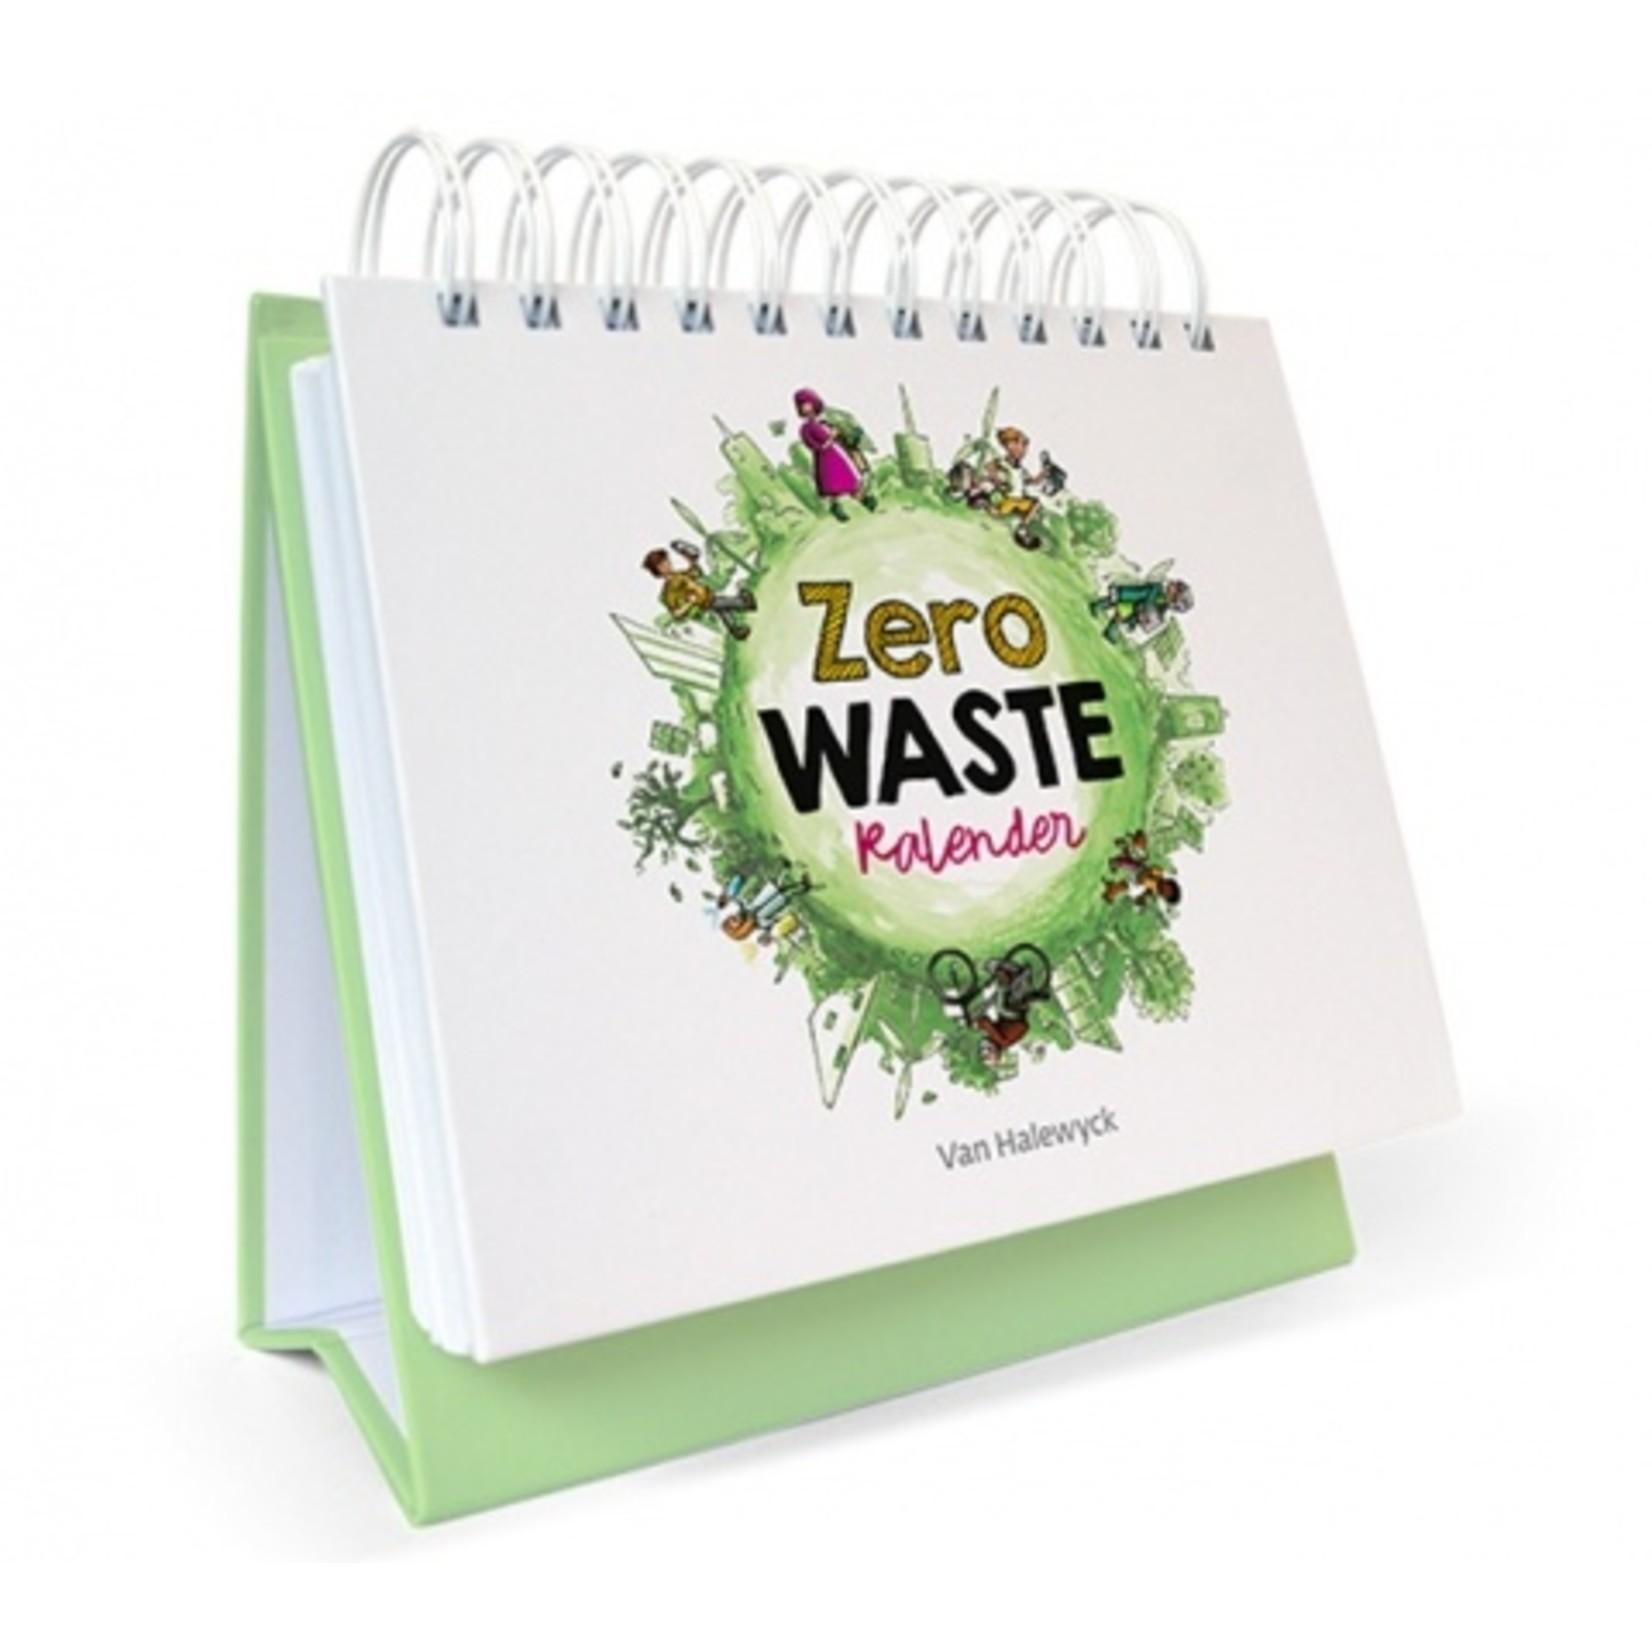 Colle Veerle Zero waste kalender